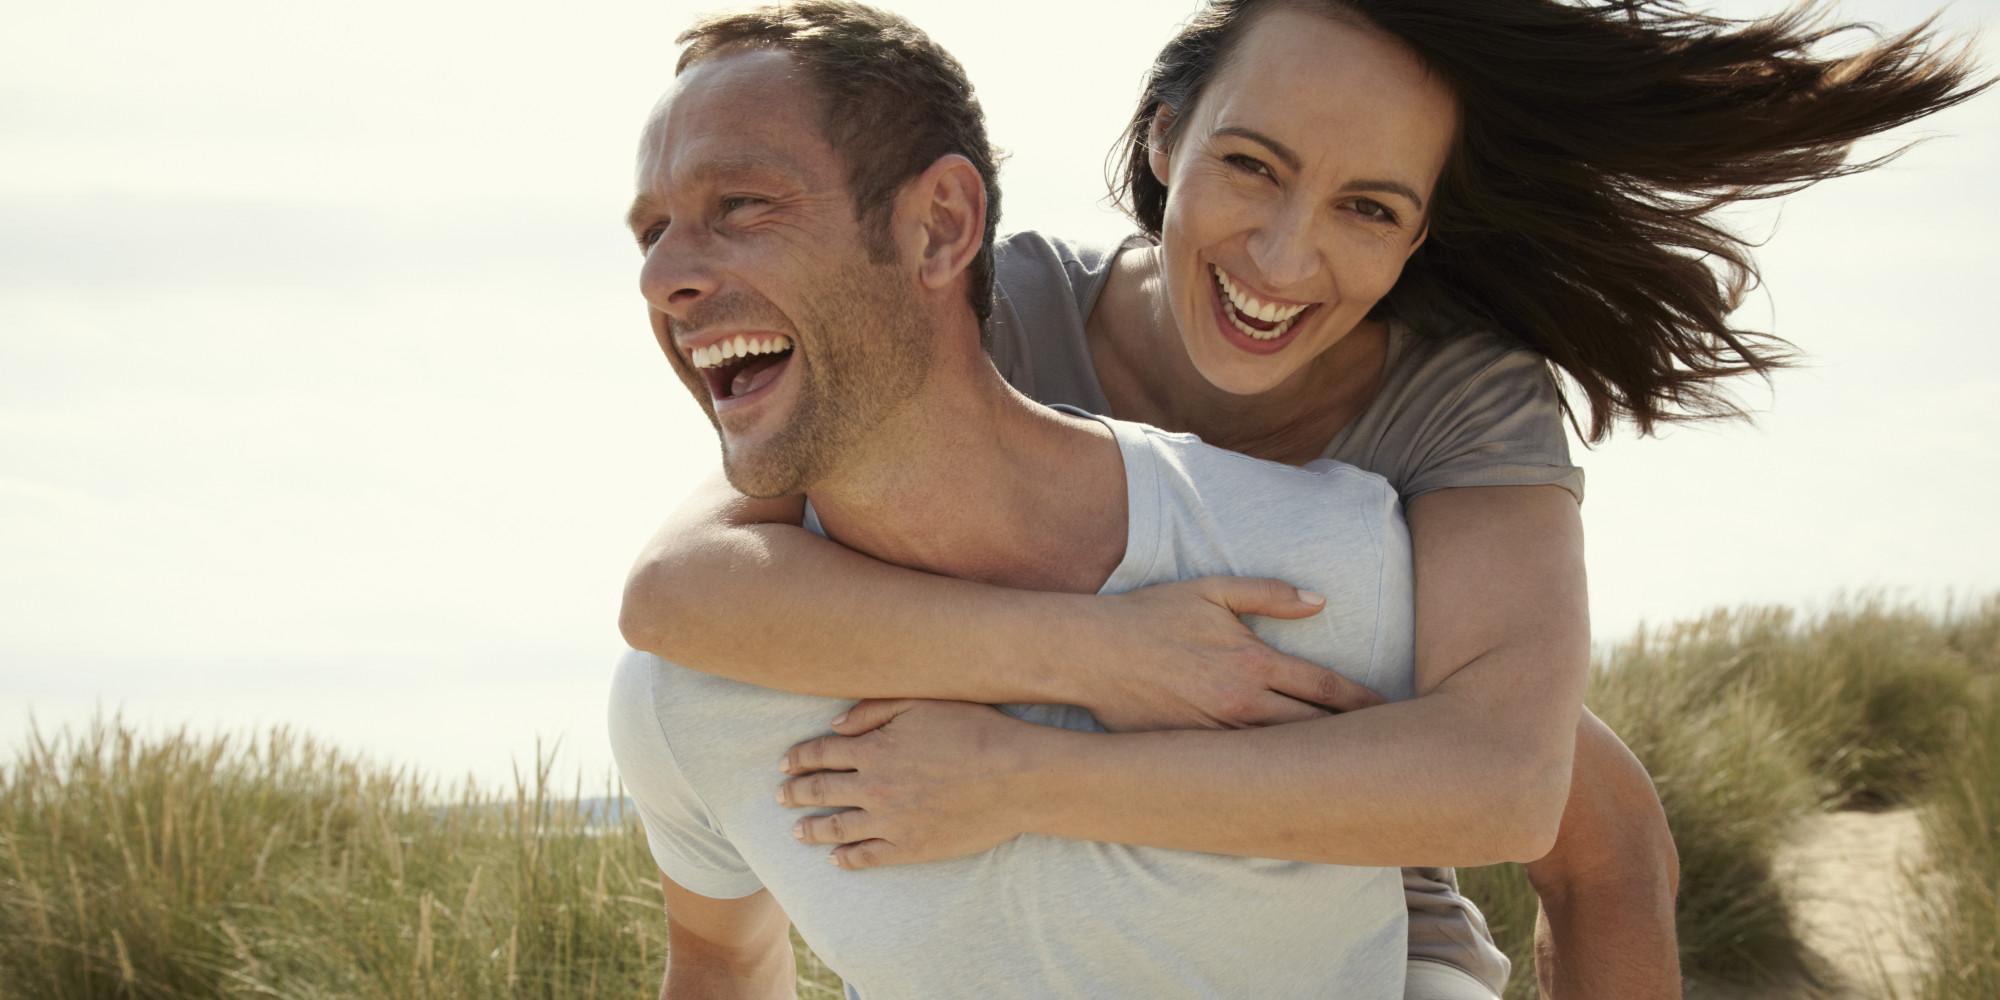 o-happy-couple-facebook - Go Social